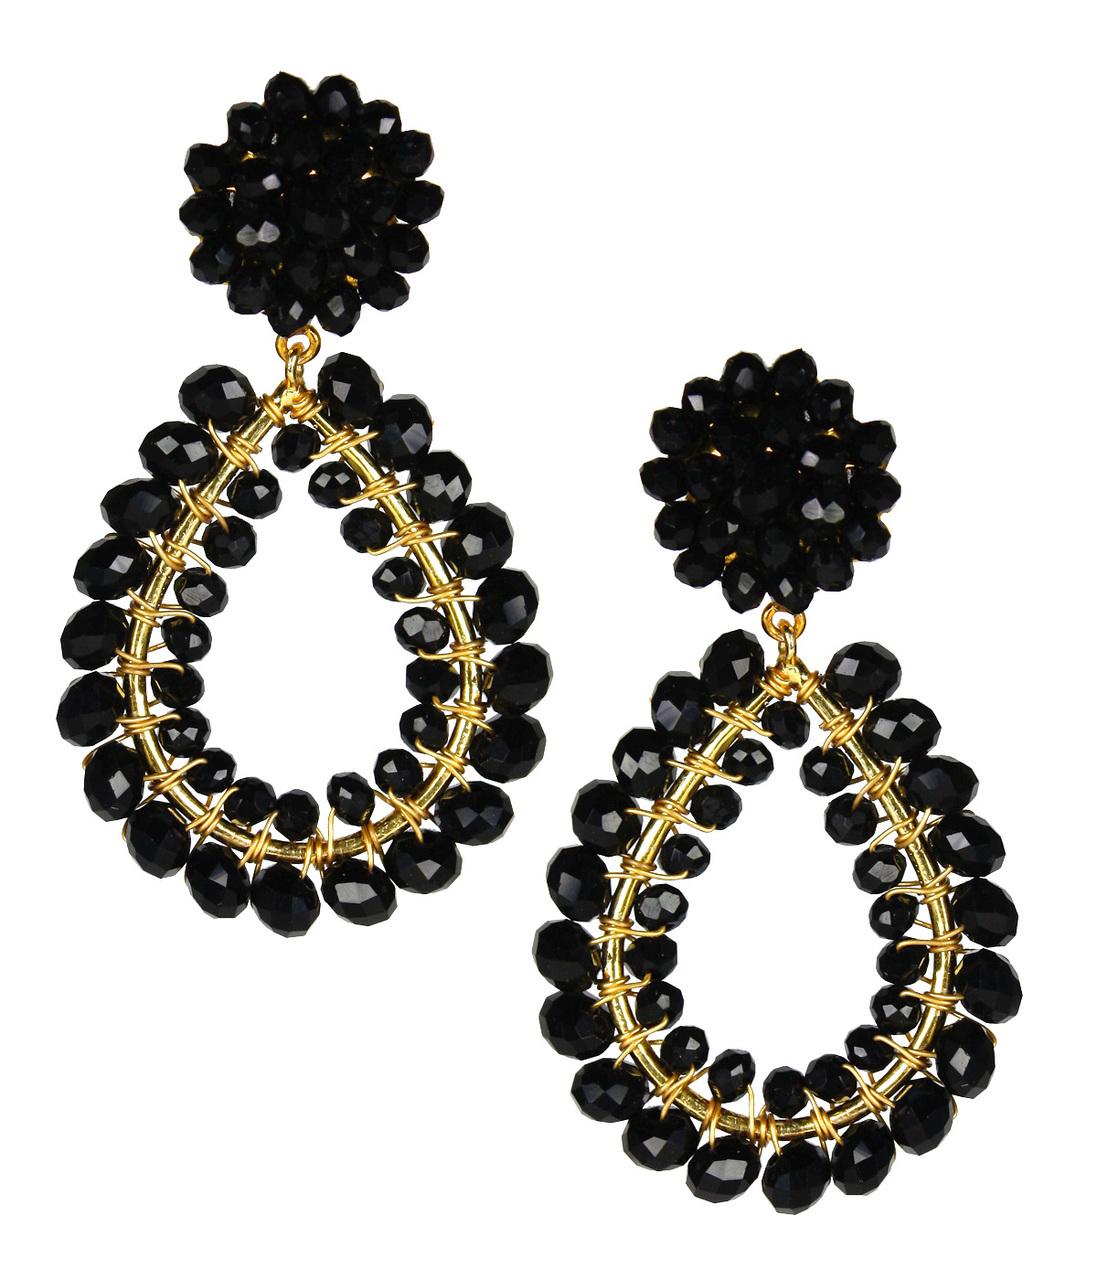 Margo Black Earrings by LISI LERCH